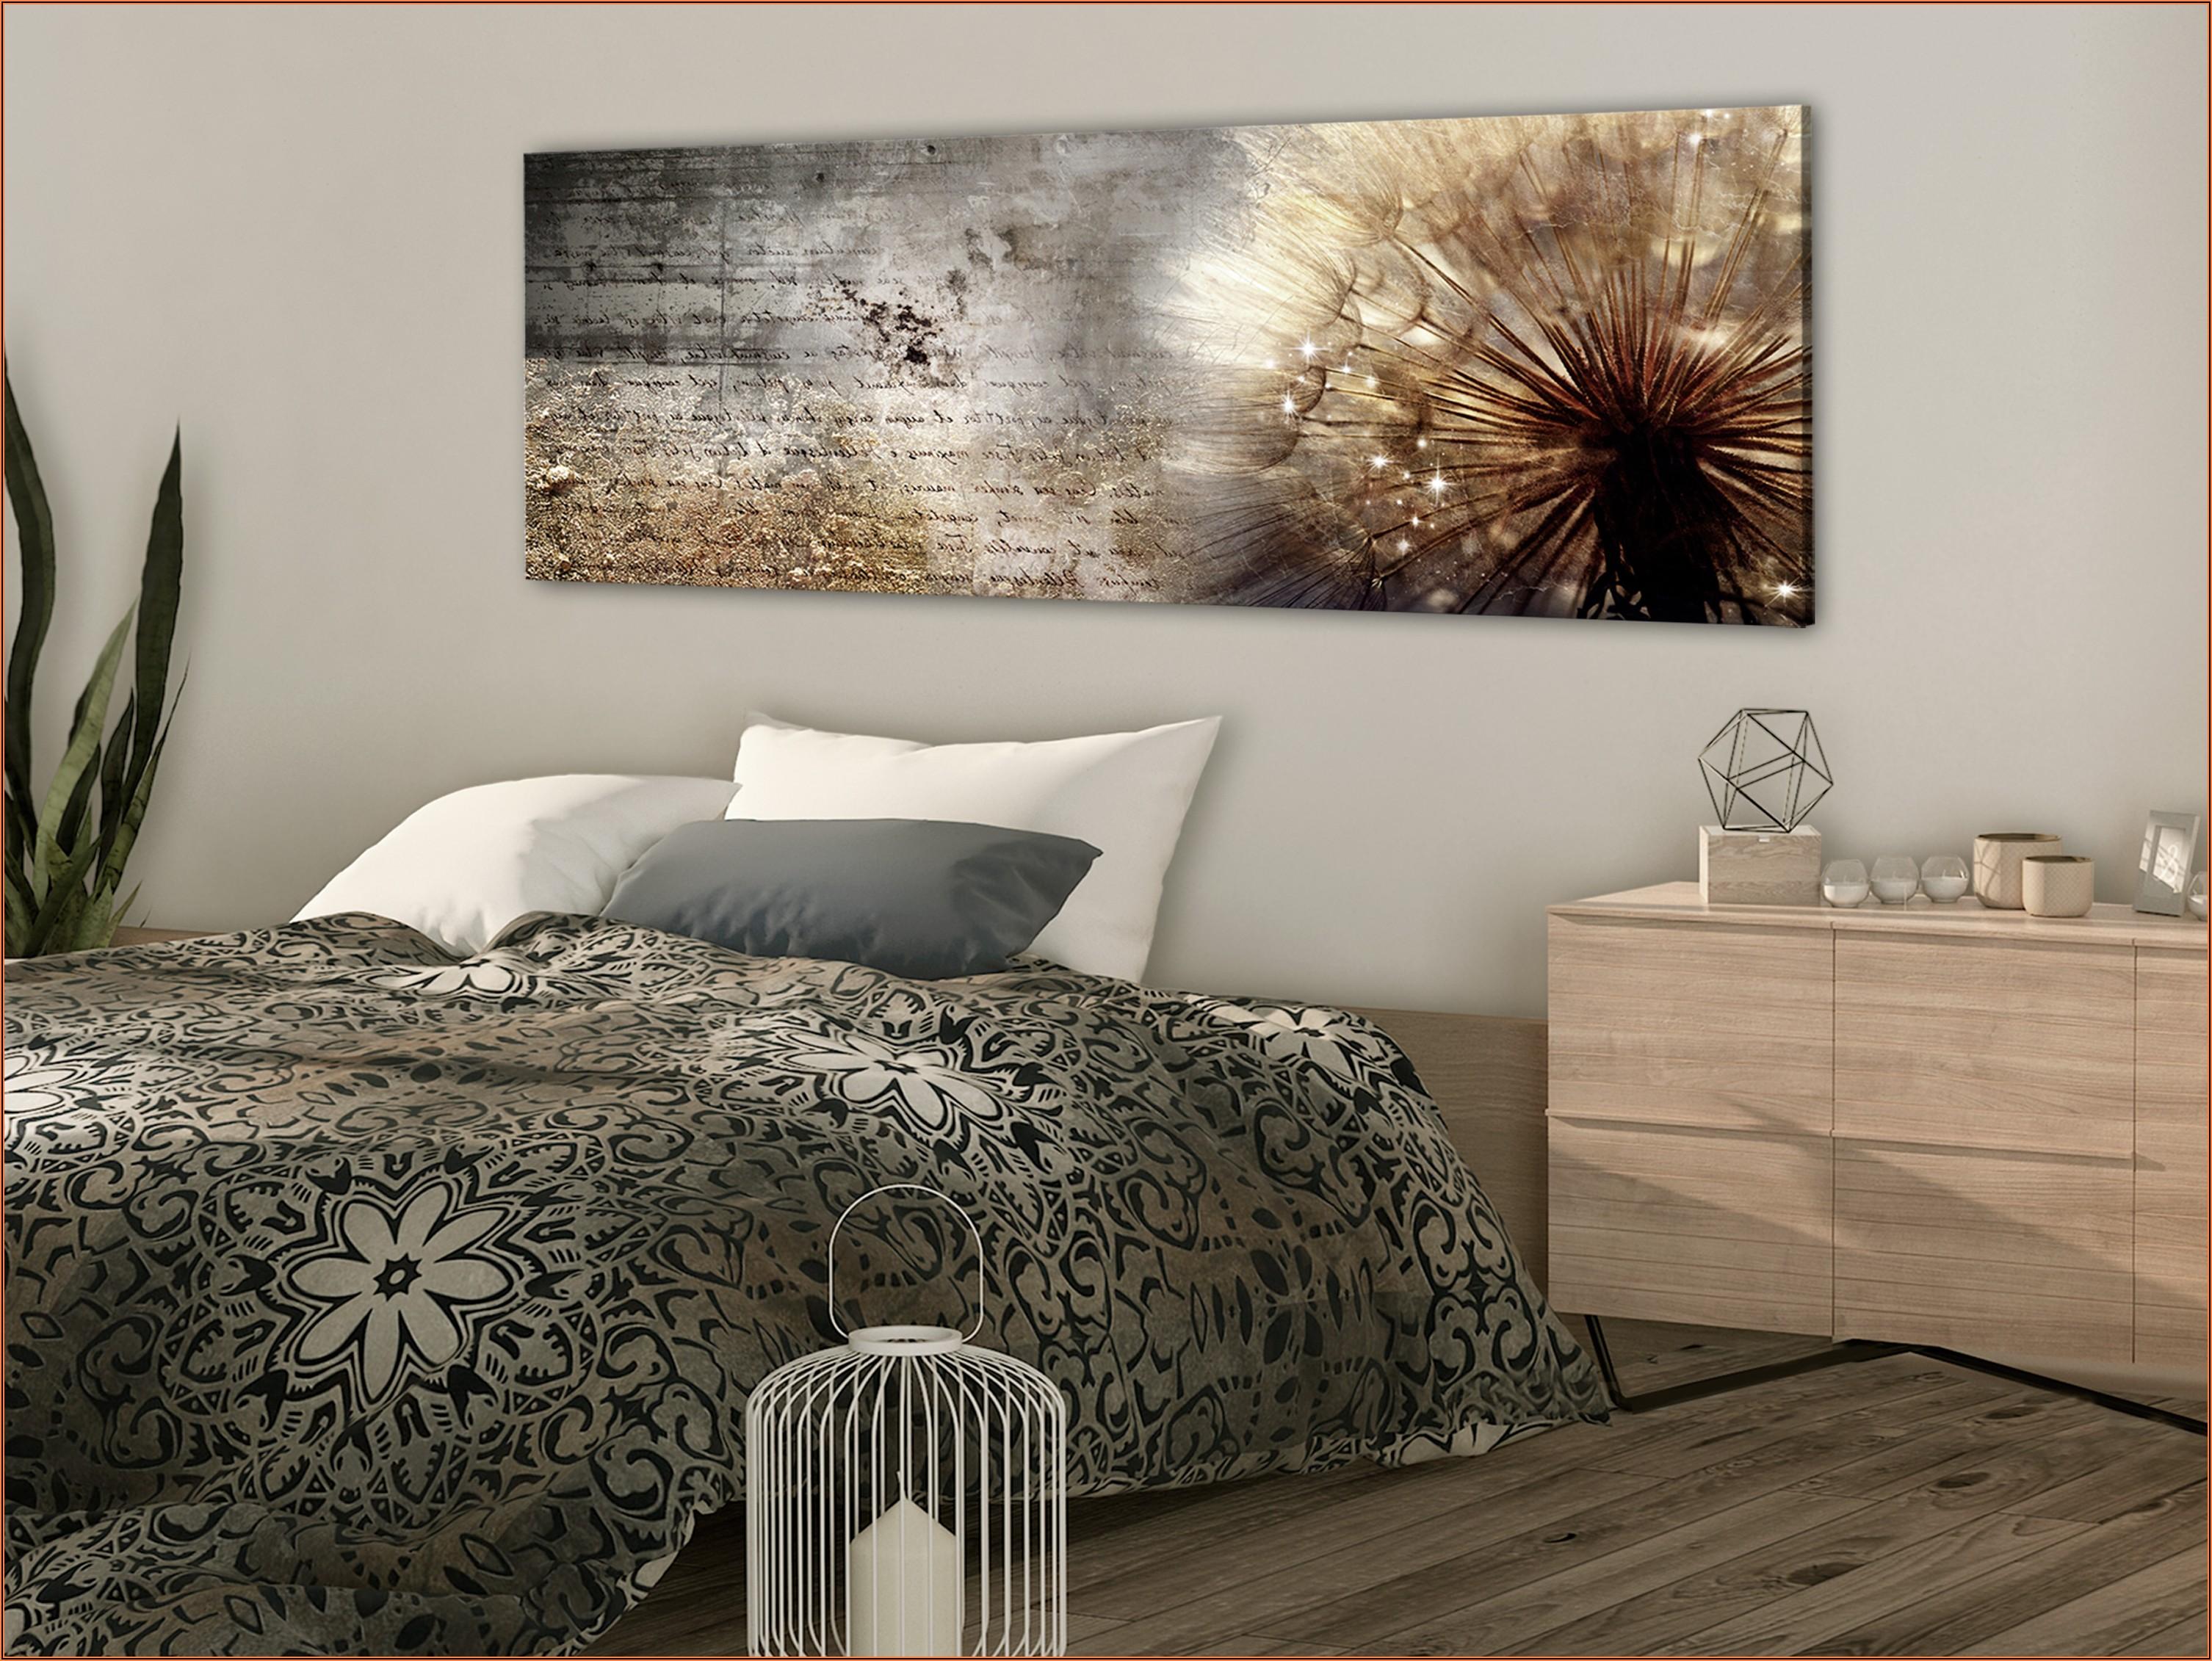 Bilder Wohnzimmer Pusteblume